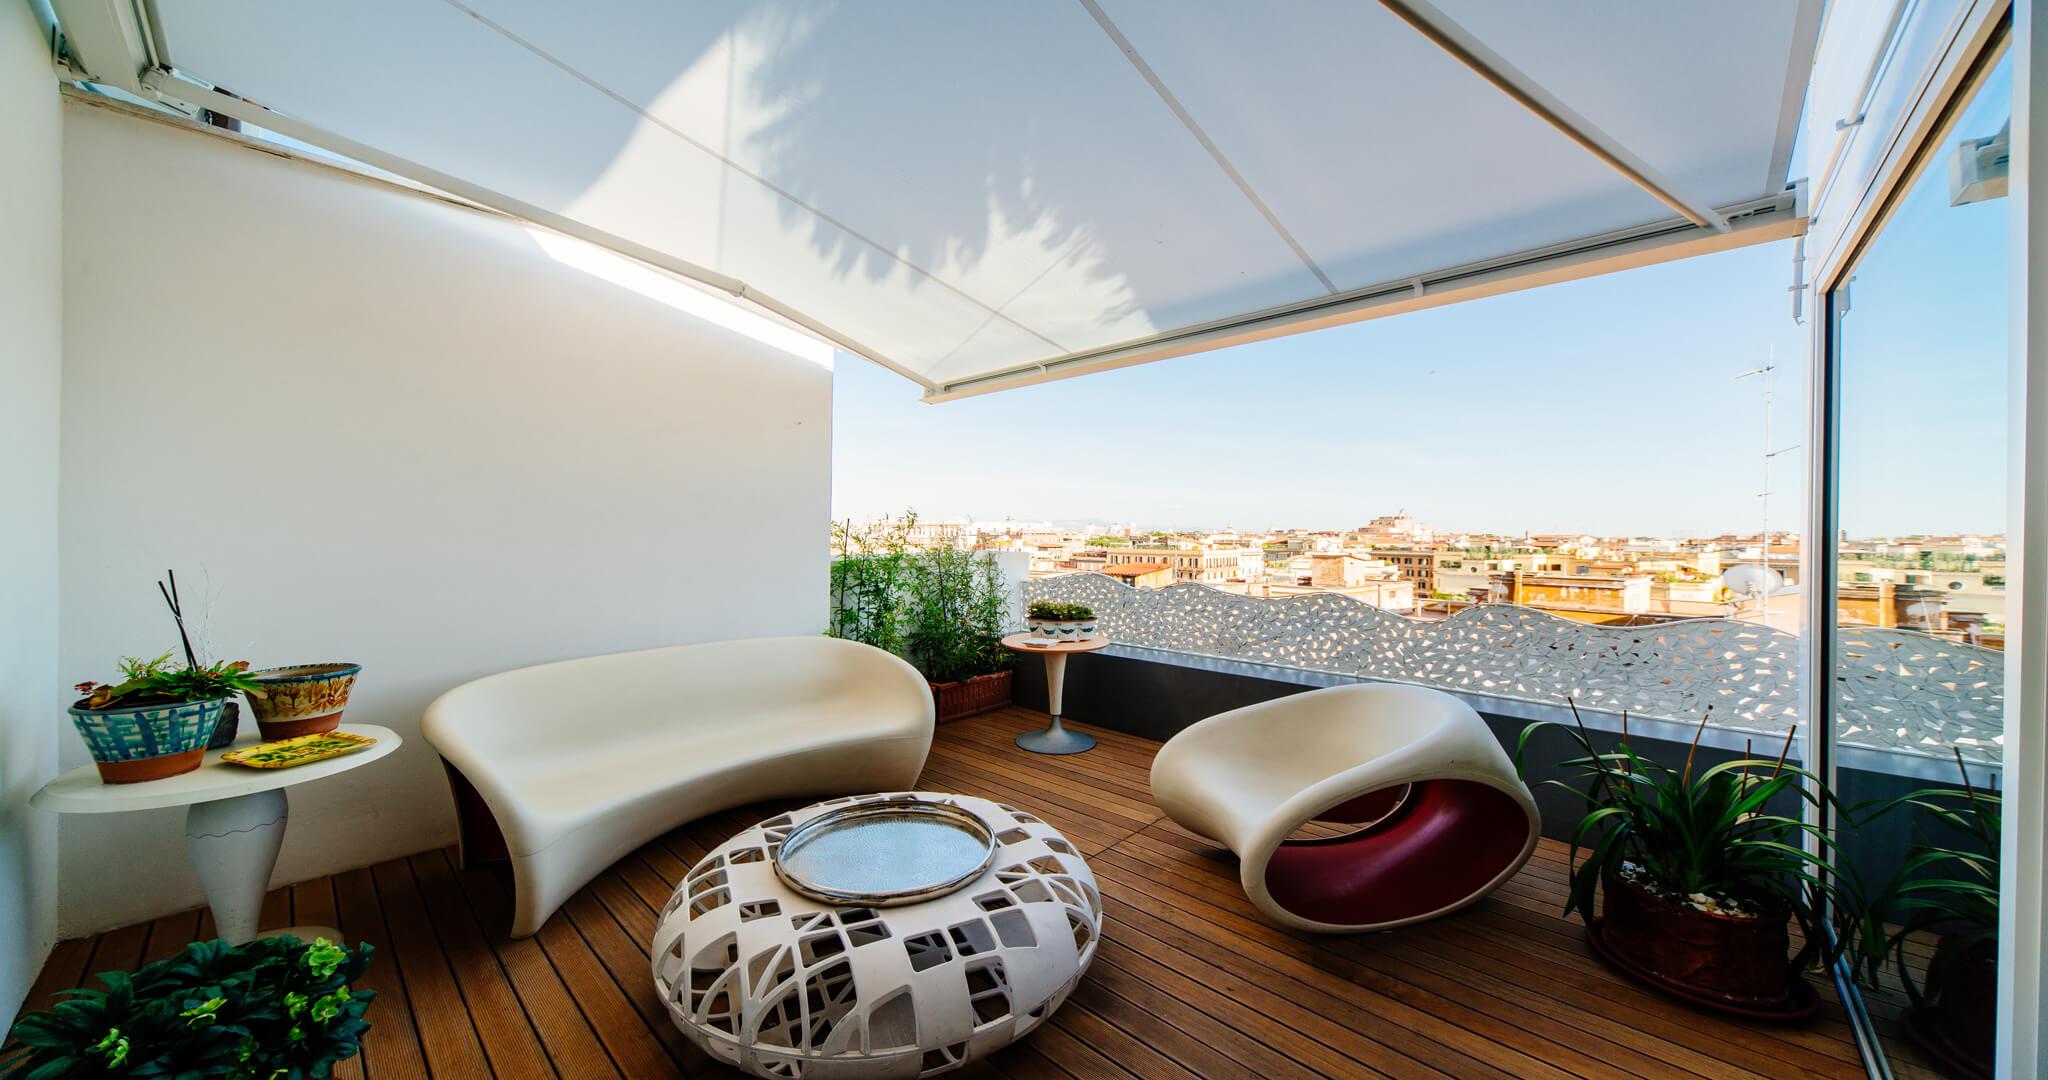 Tende Per Soffitti Inclinati tenda da sole a parete - qubica light - ke outdoor design